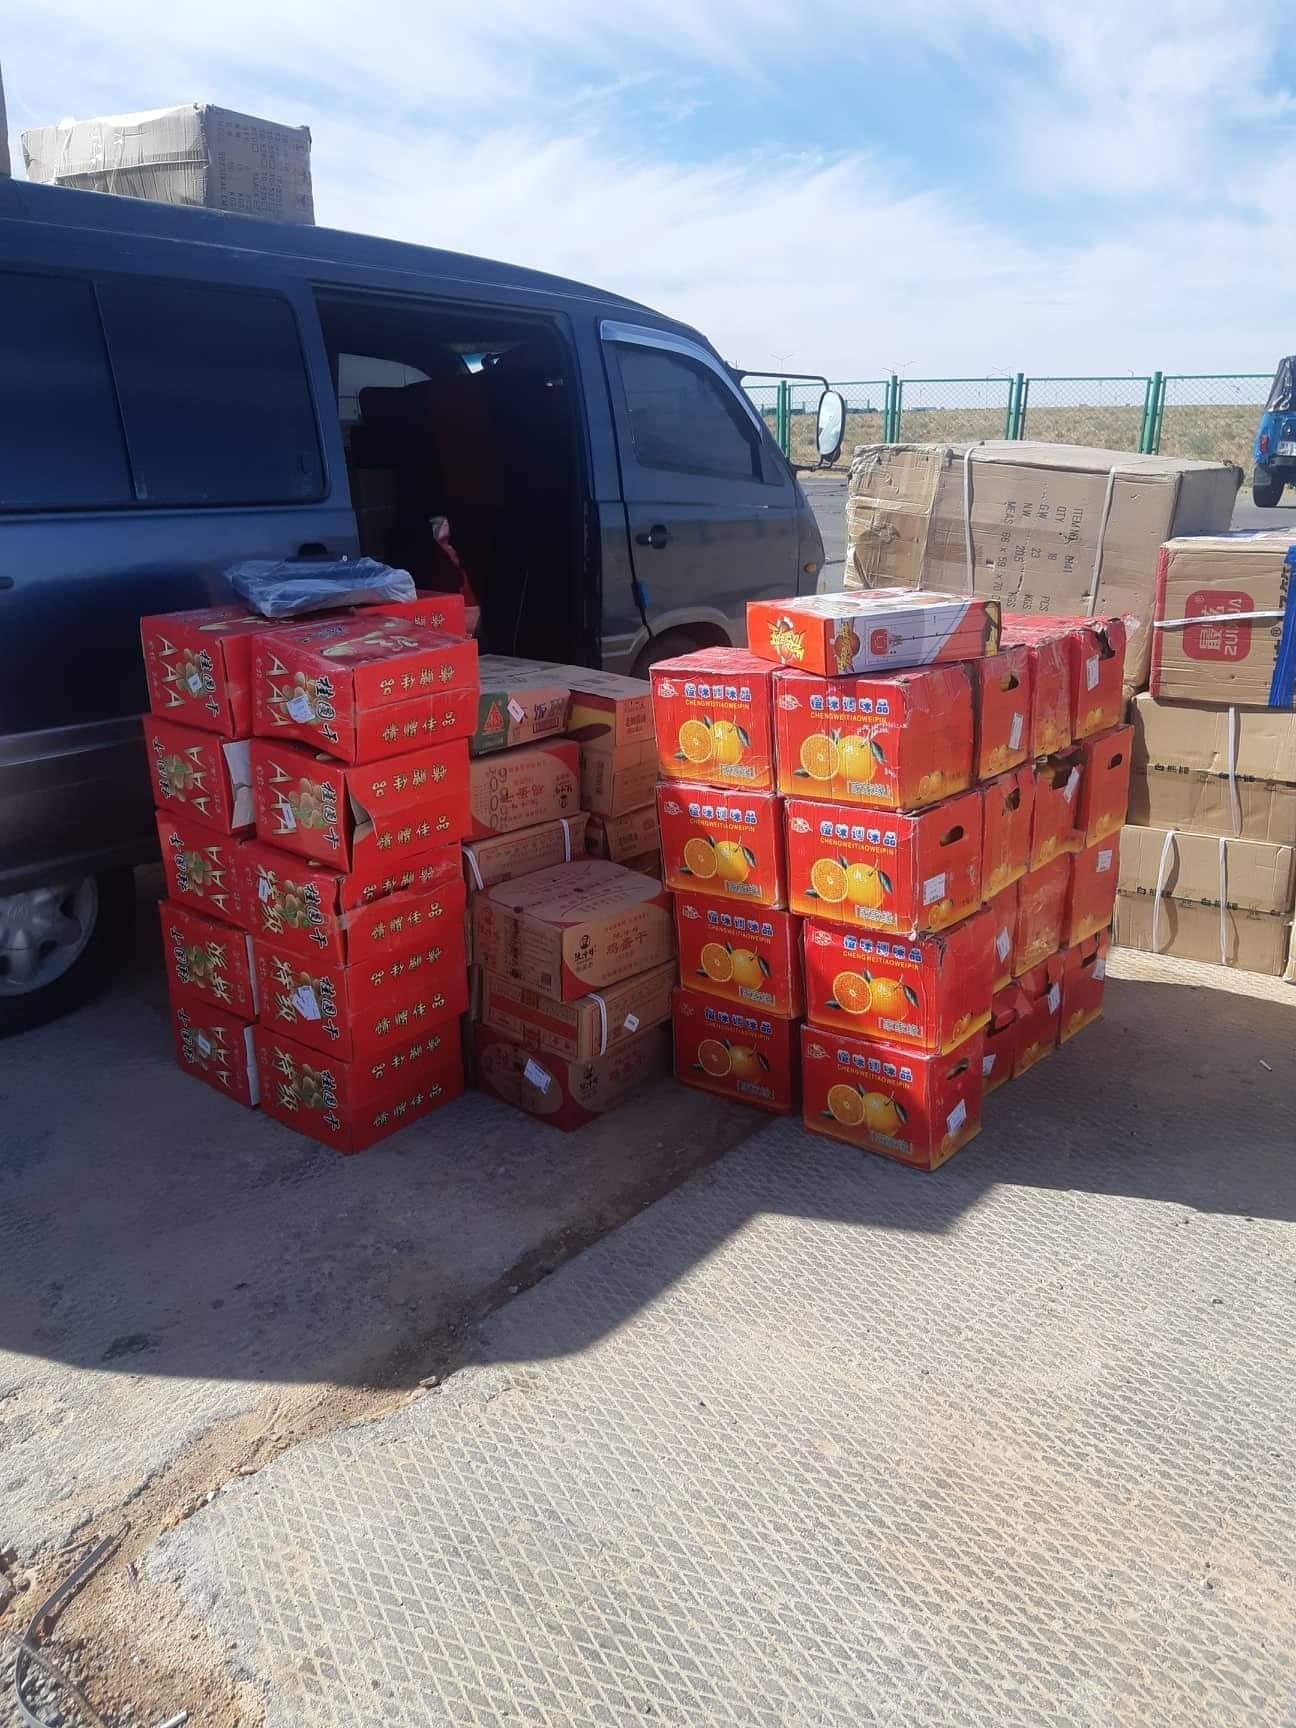 Хууль бусаар 110 хайрцаг бараа бүтээгдэхүүнийг хилээр нэвтрүүлэхийг завджээ